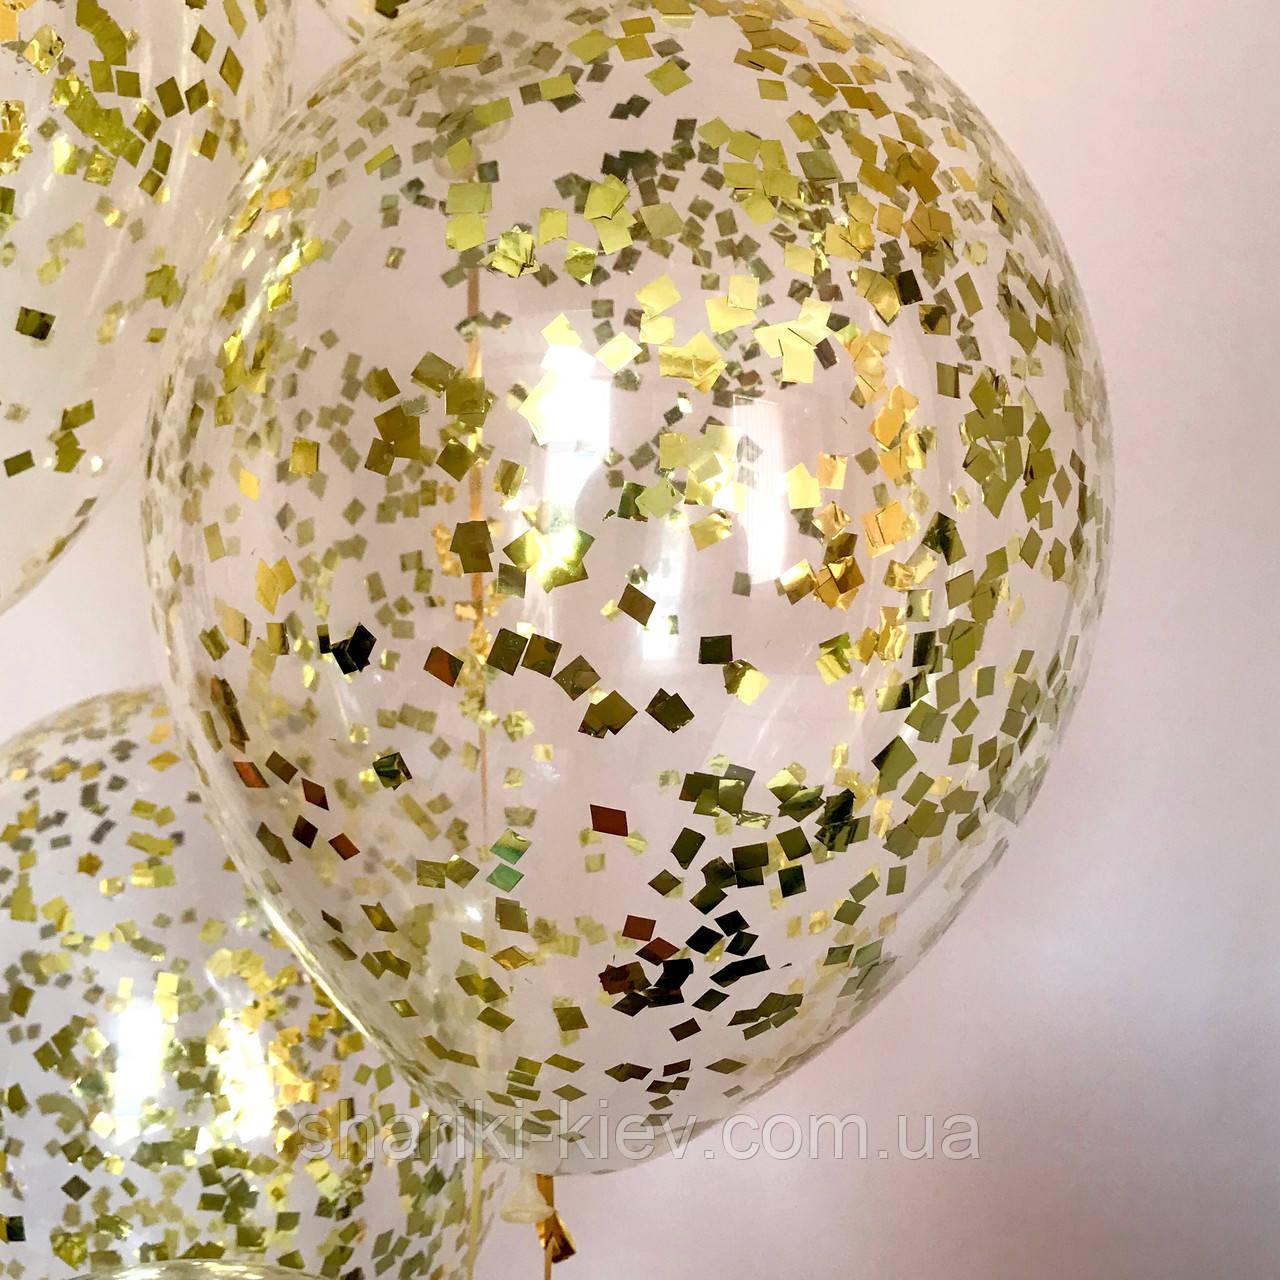 Шарики гелиевые прозрачные с конфетти 35 см. на День рождения гелиевые